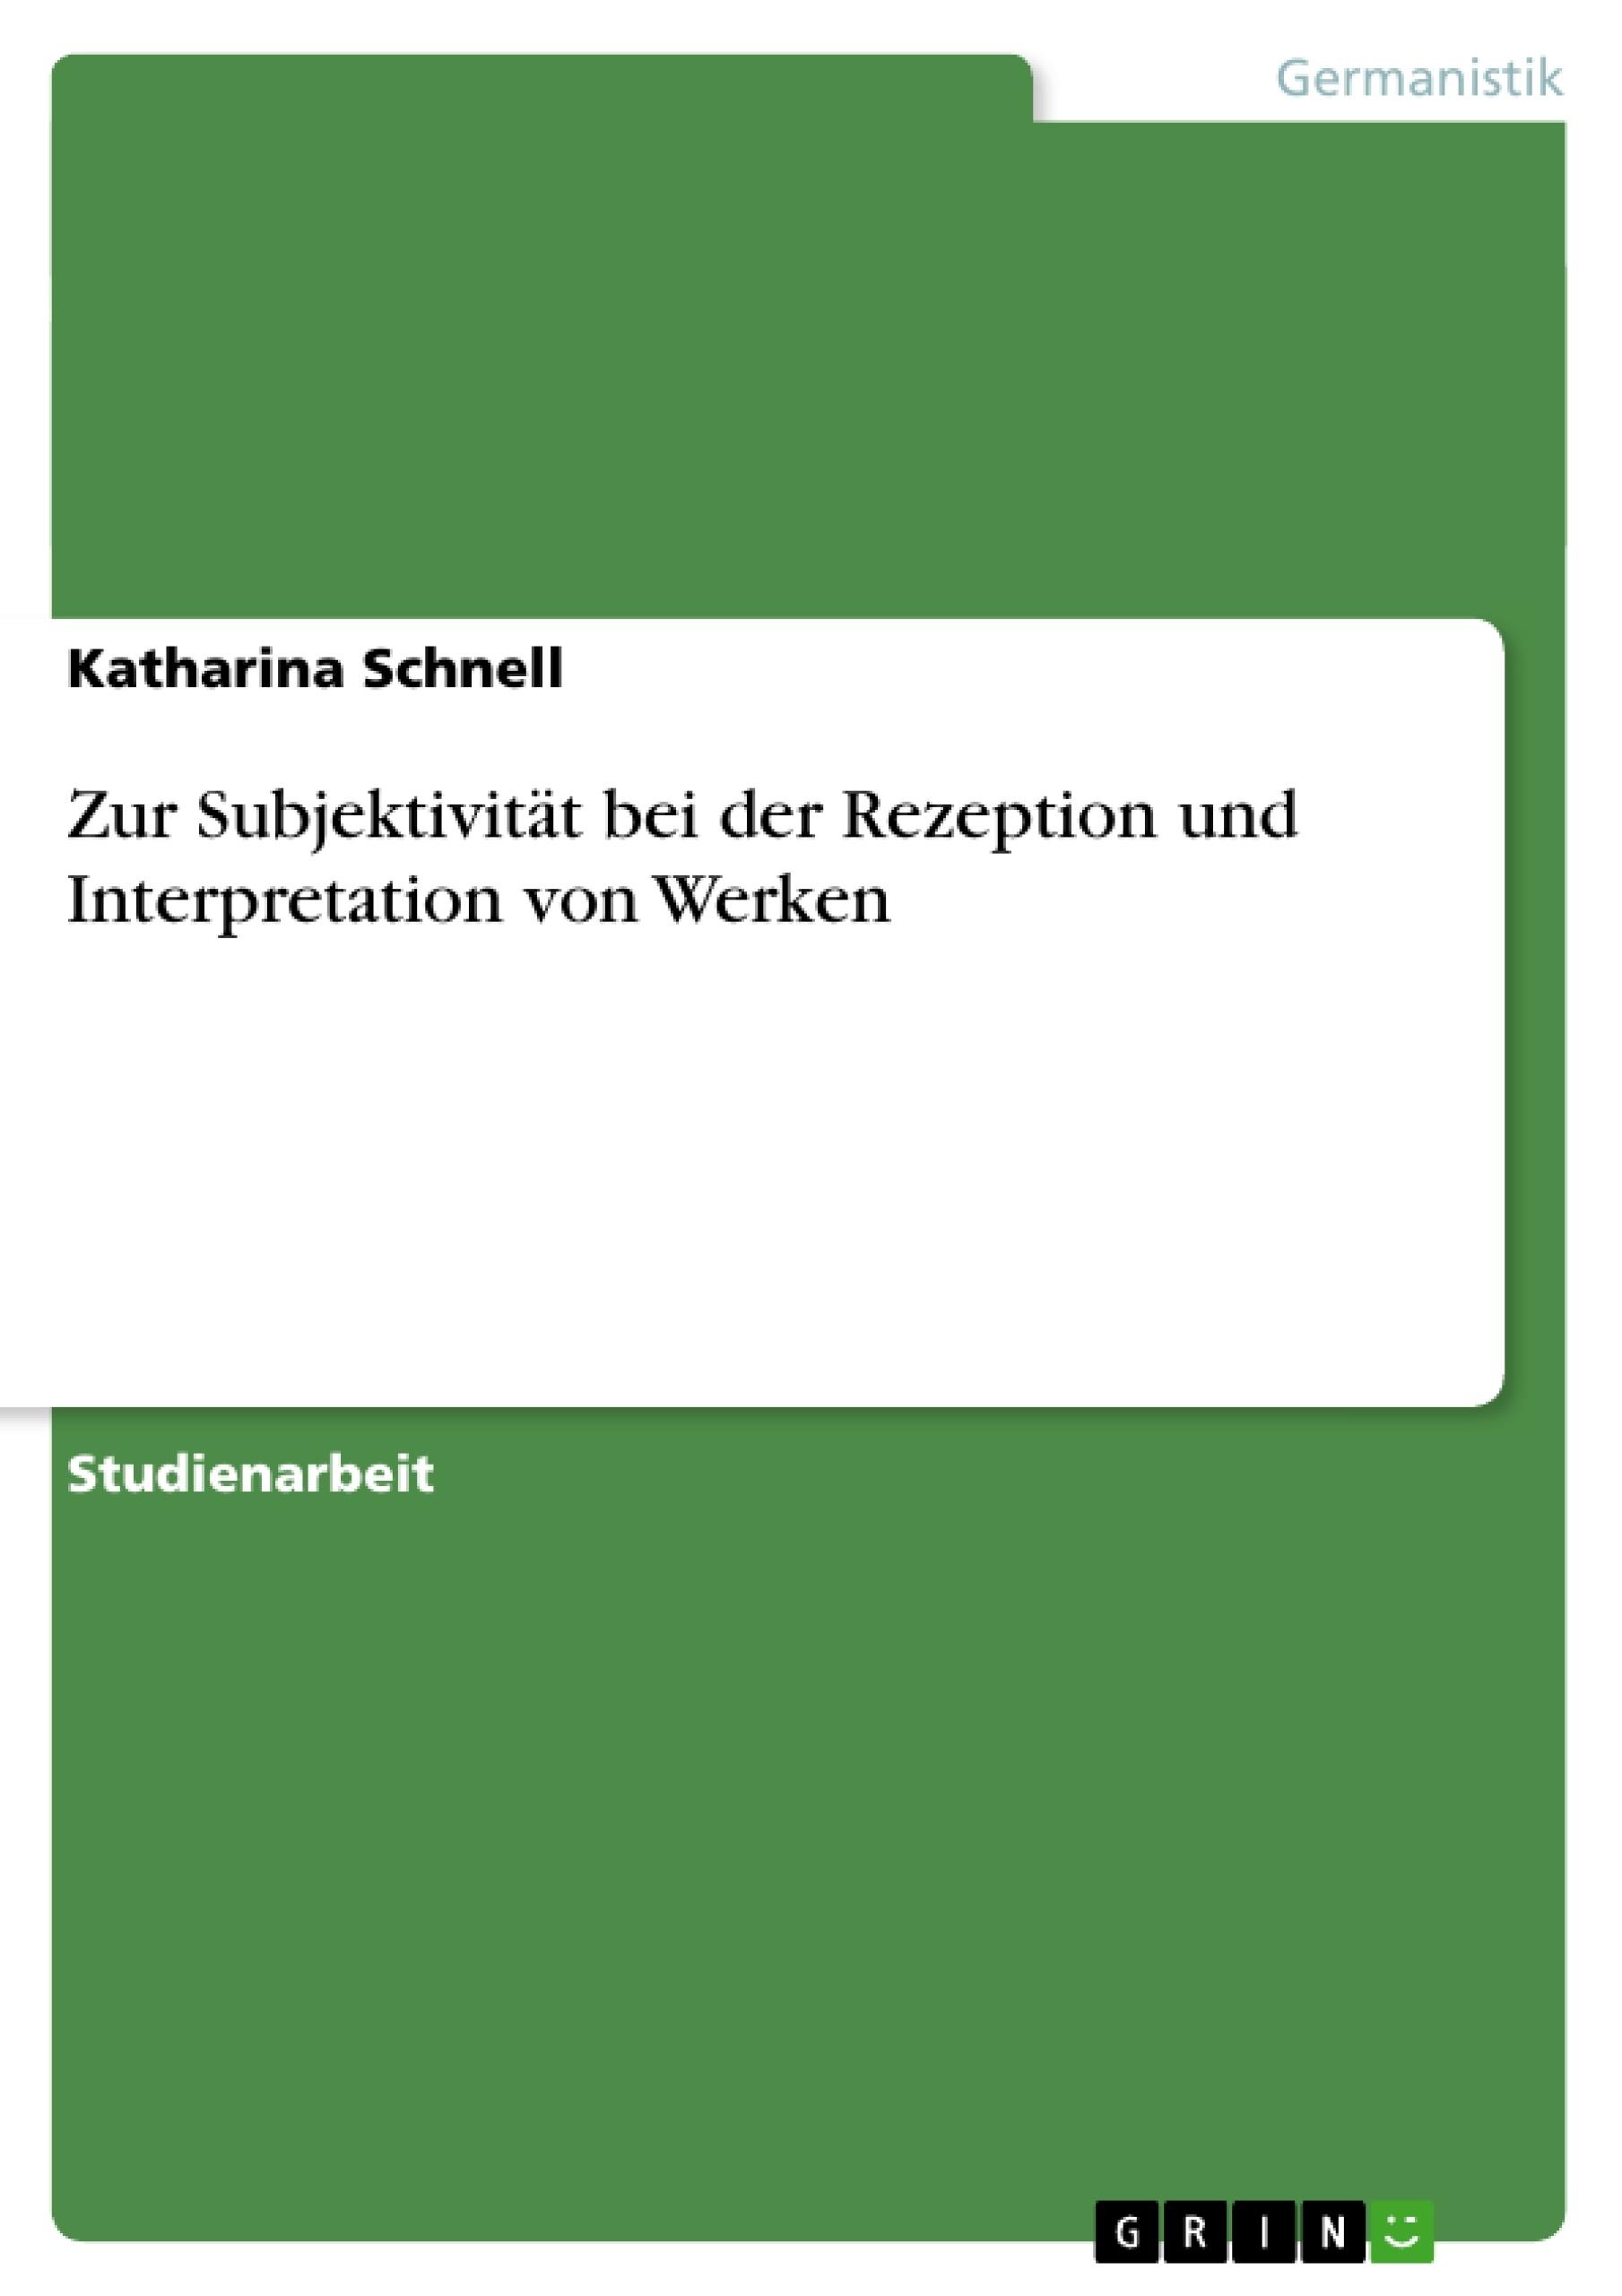 Titel: Zur Subjektivität bei der Rezeption und Interpretation von Werken